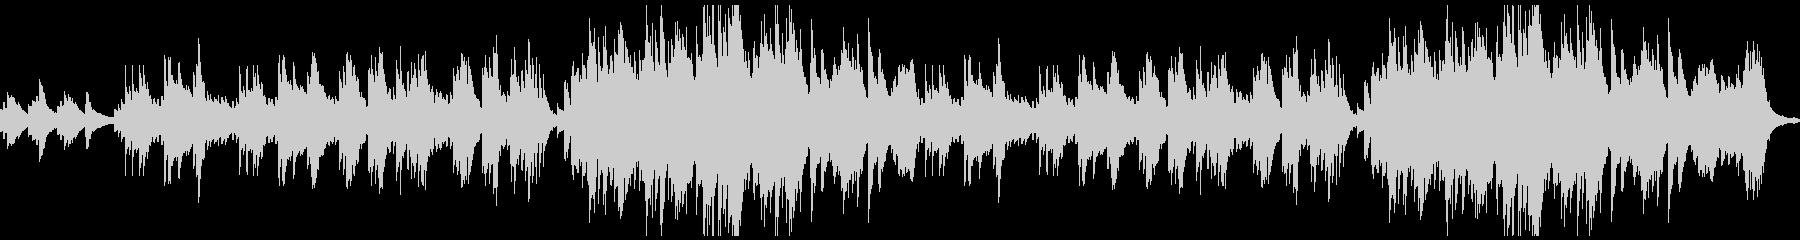 現代的 交響曲 ほのぼの 幸せ ド...の未再生の波形